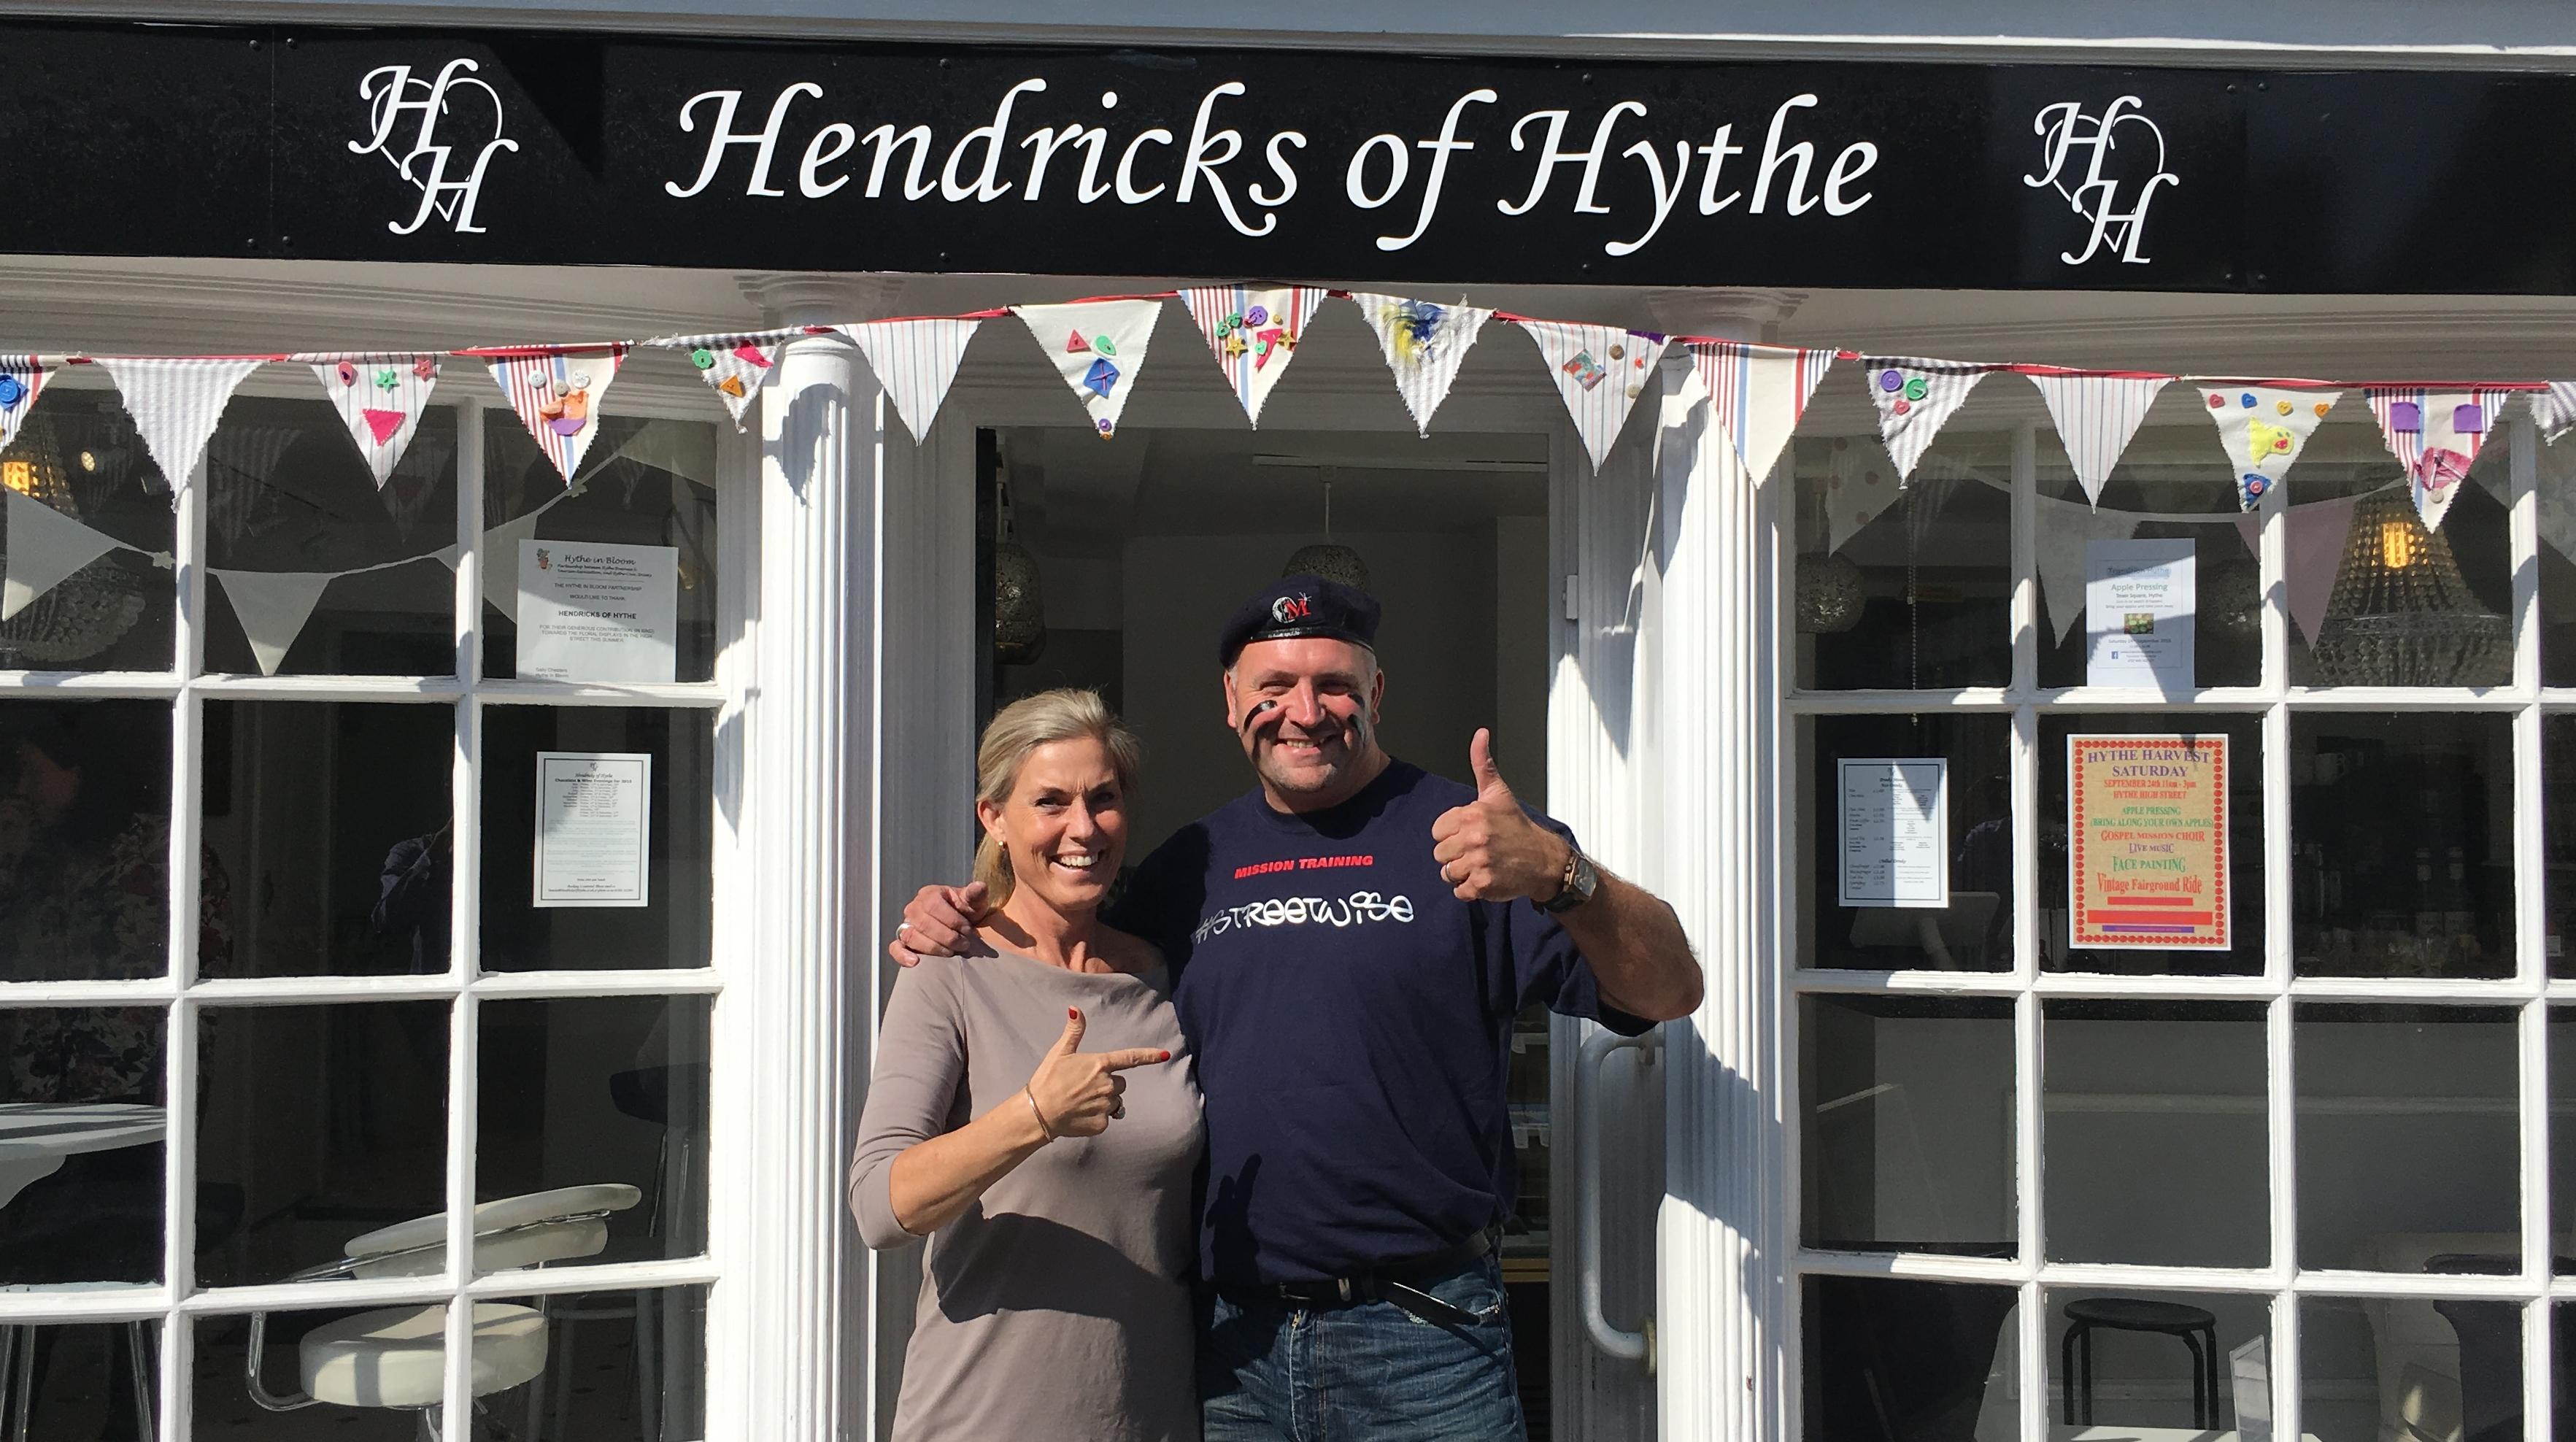 September 2016 - Maximus visited Hendricks of Hythe